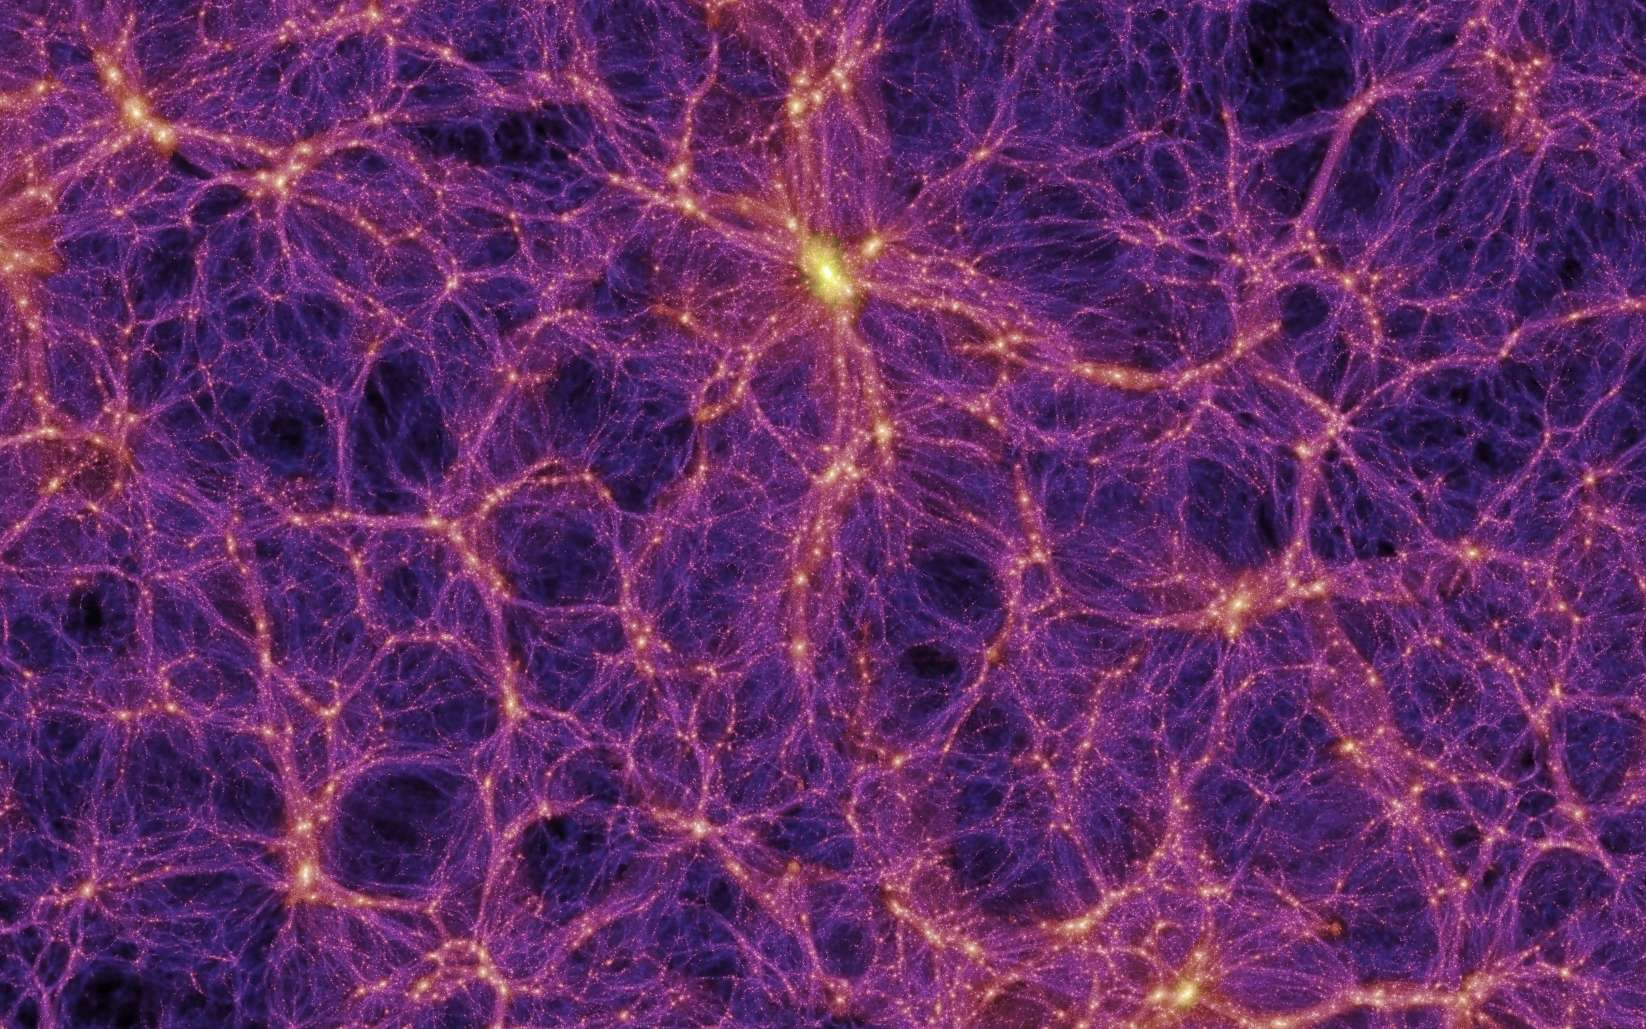 Sur cette image provenant d'une des meilleures simulations de la formation des grandes structures de l'Univers, des filaments de matière noire contenant des superamas de galaxies apparaissent clairement. On note aussi la présence de grands vides que l'on appelle parfois des vides cosmiques (cosmic voids, en anglais) © Max Planck Institute for Astrophysics, Millennium Simulation Project